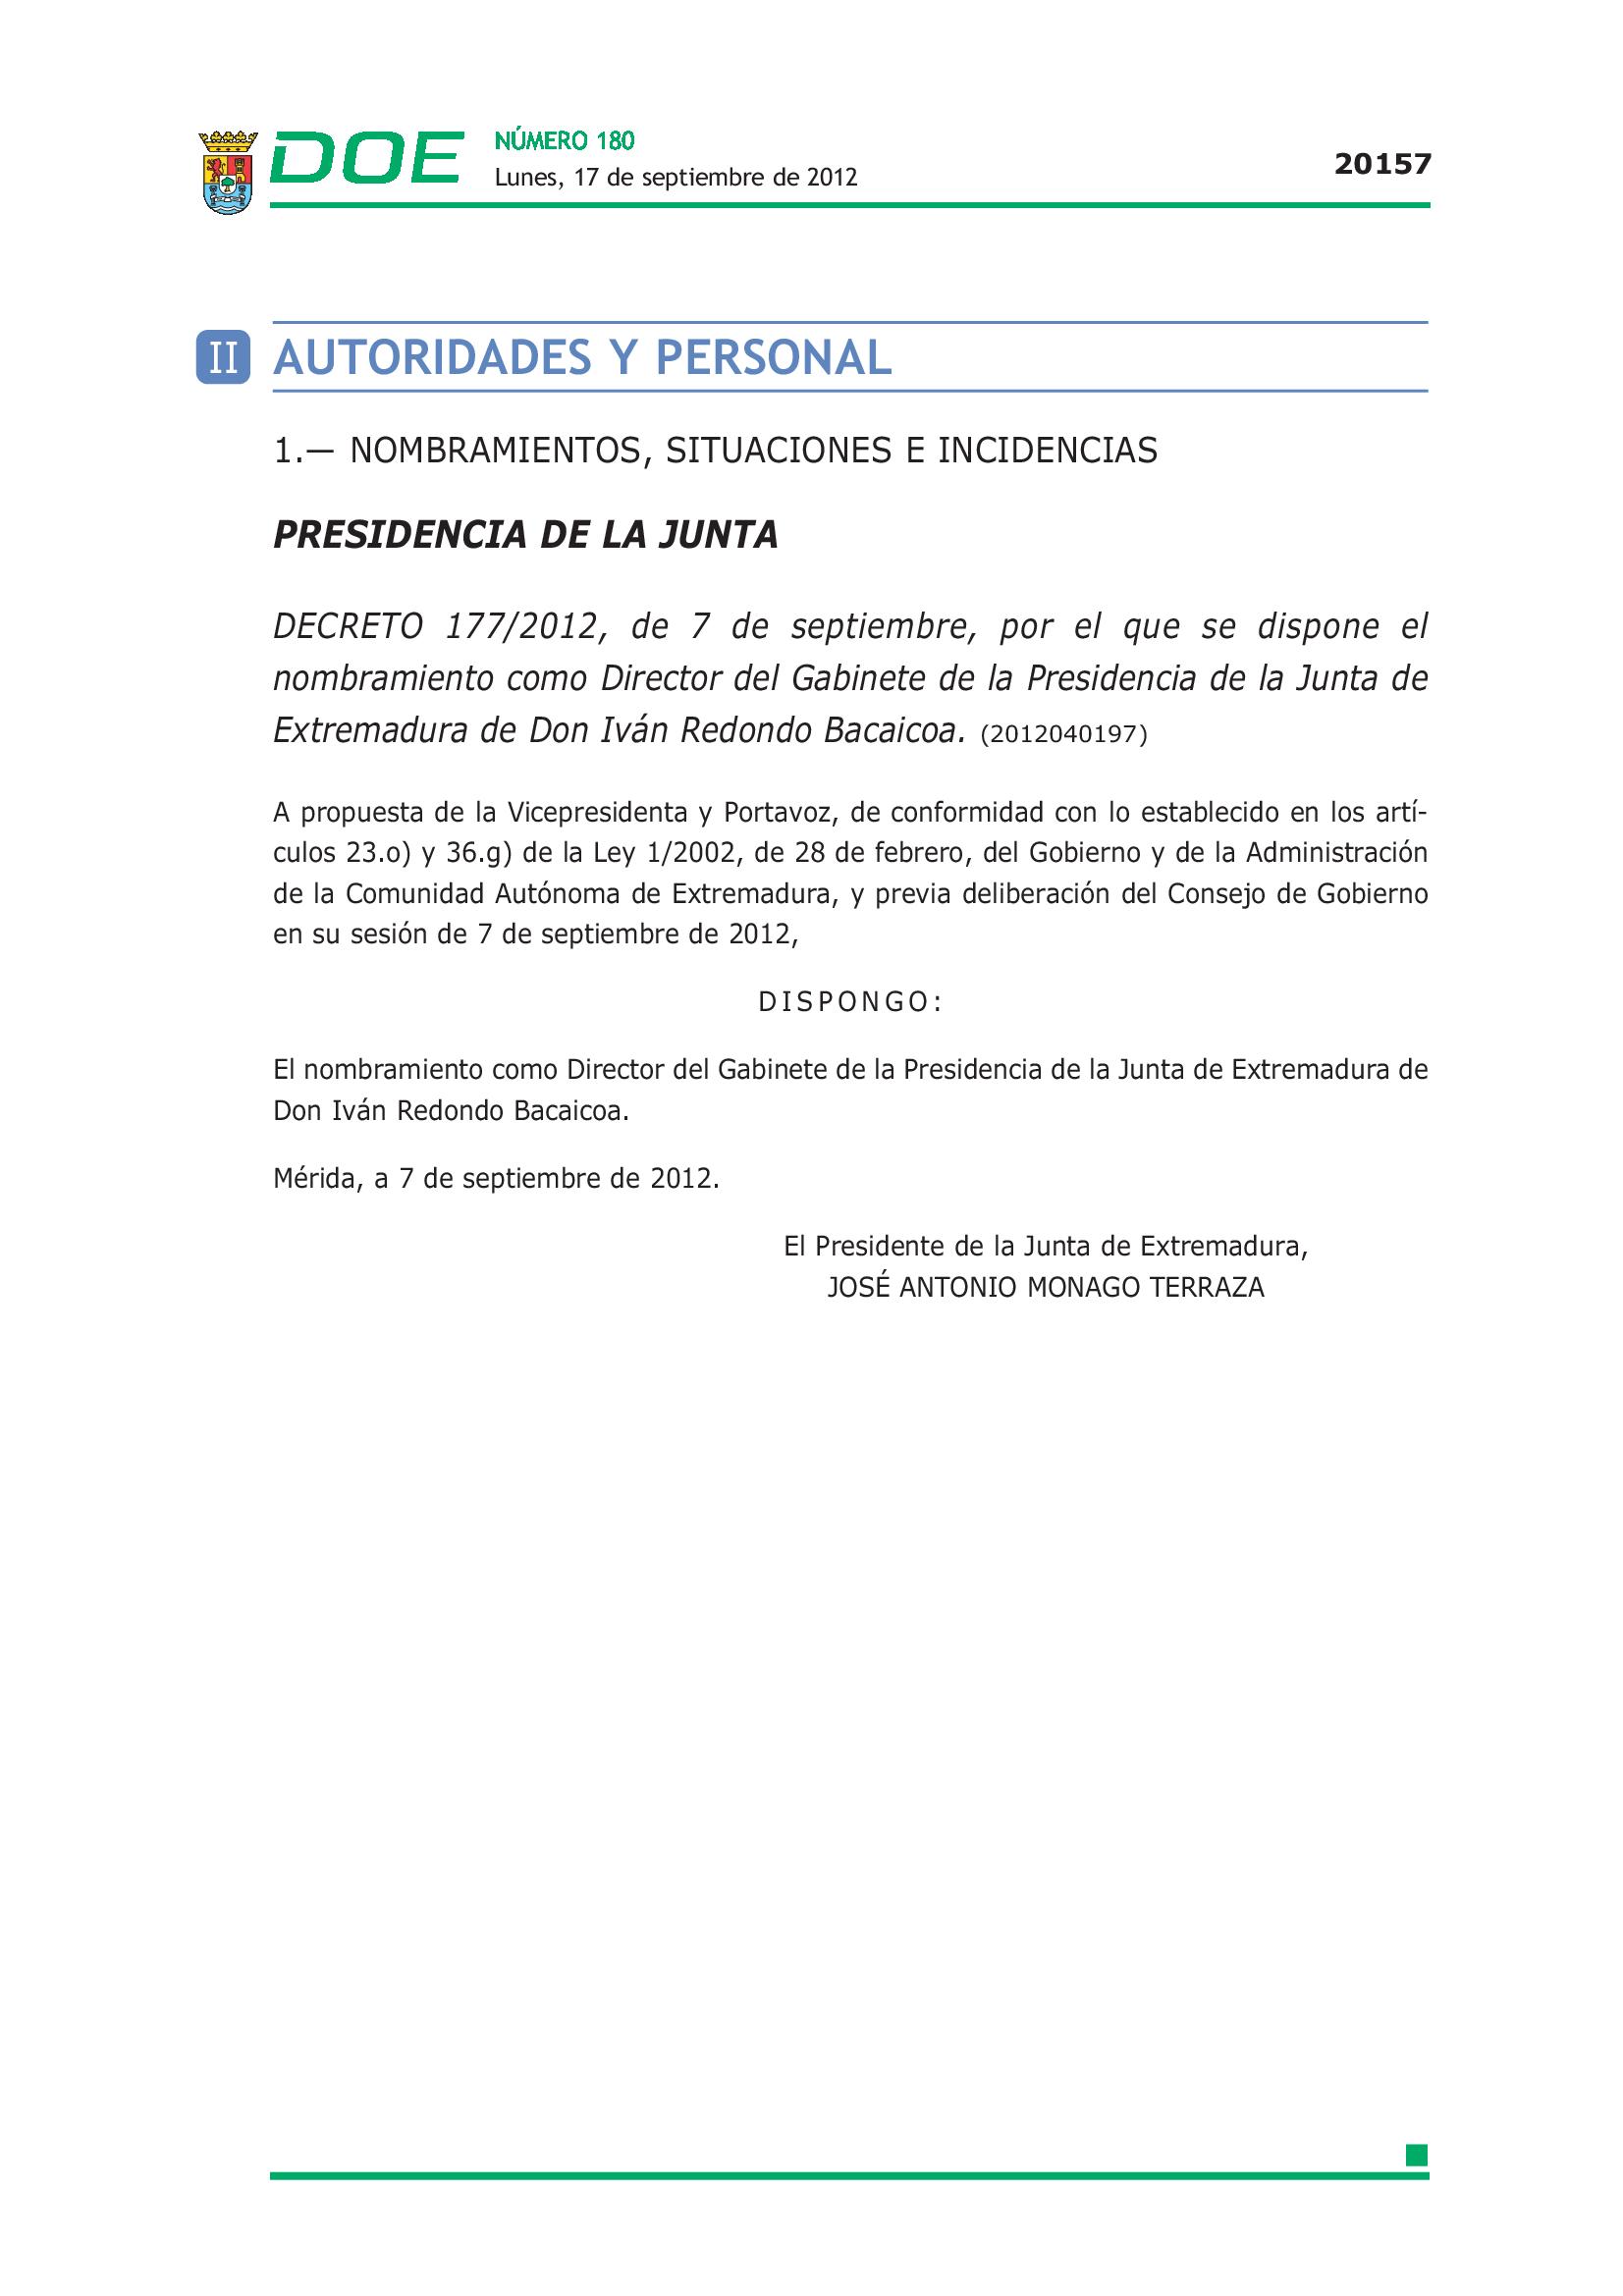 Nombramiento de Iván Redondo como jefe del Gabinete de Monago, no como consejero.